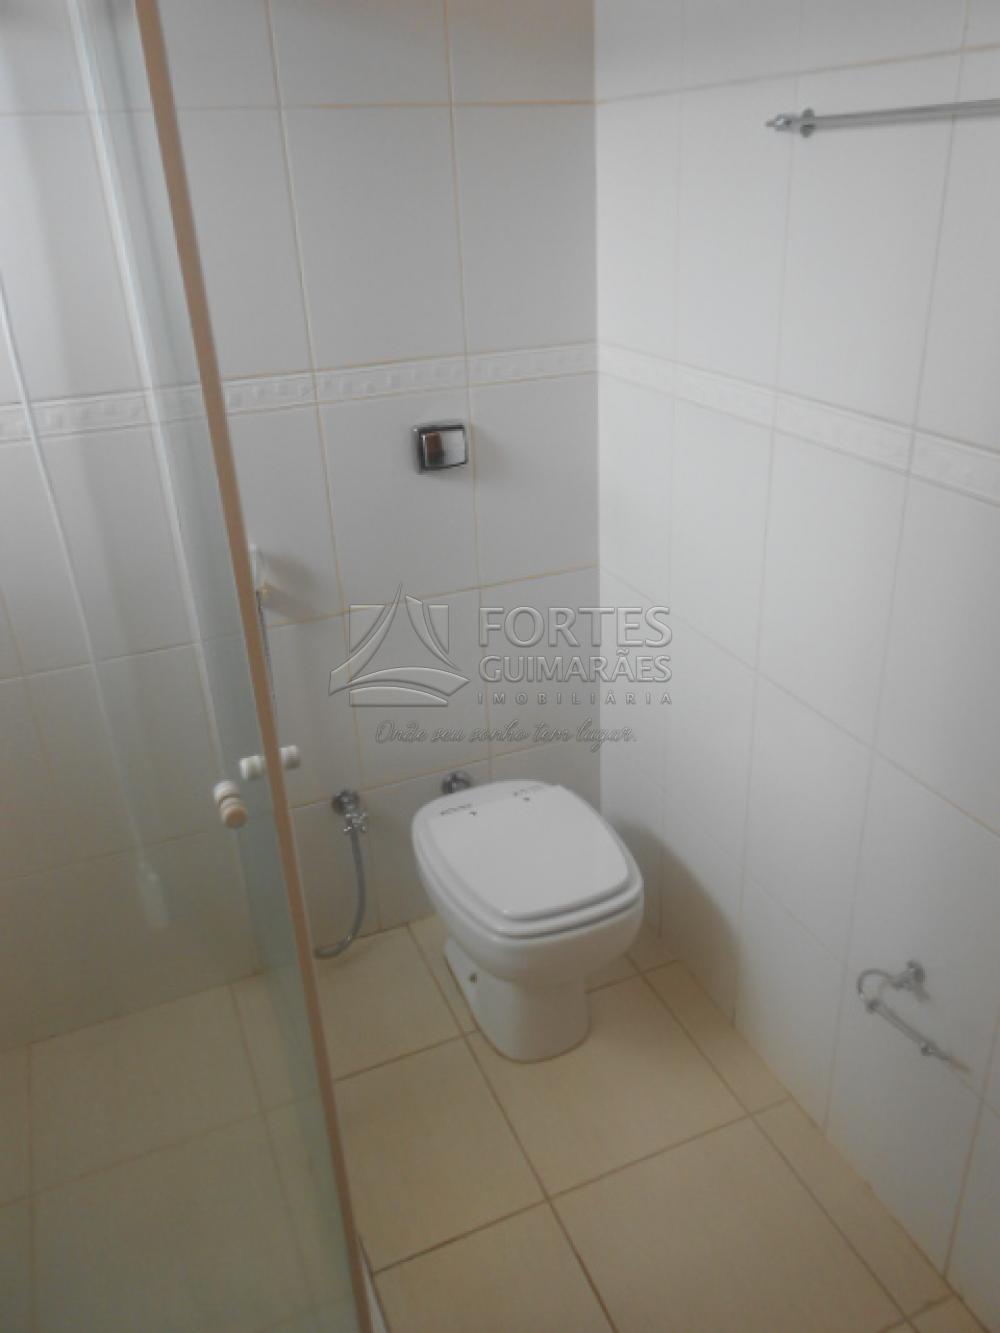 Alugar Apartamentos / Padrão em Ribeirão Preto apenas R$ 1.300,00 - Foto 37